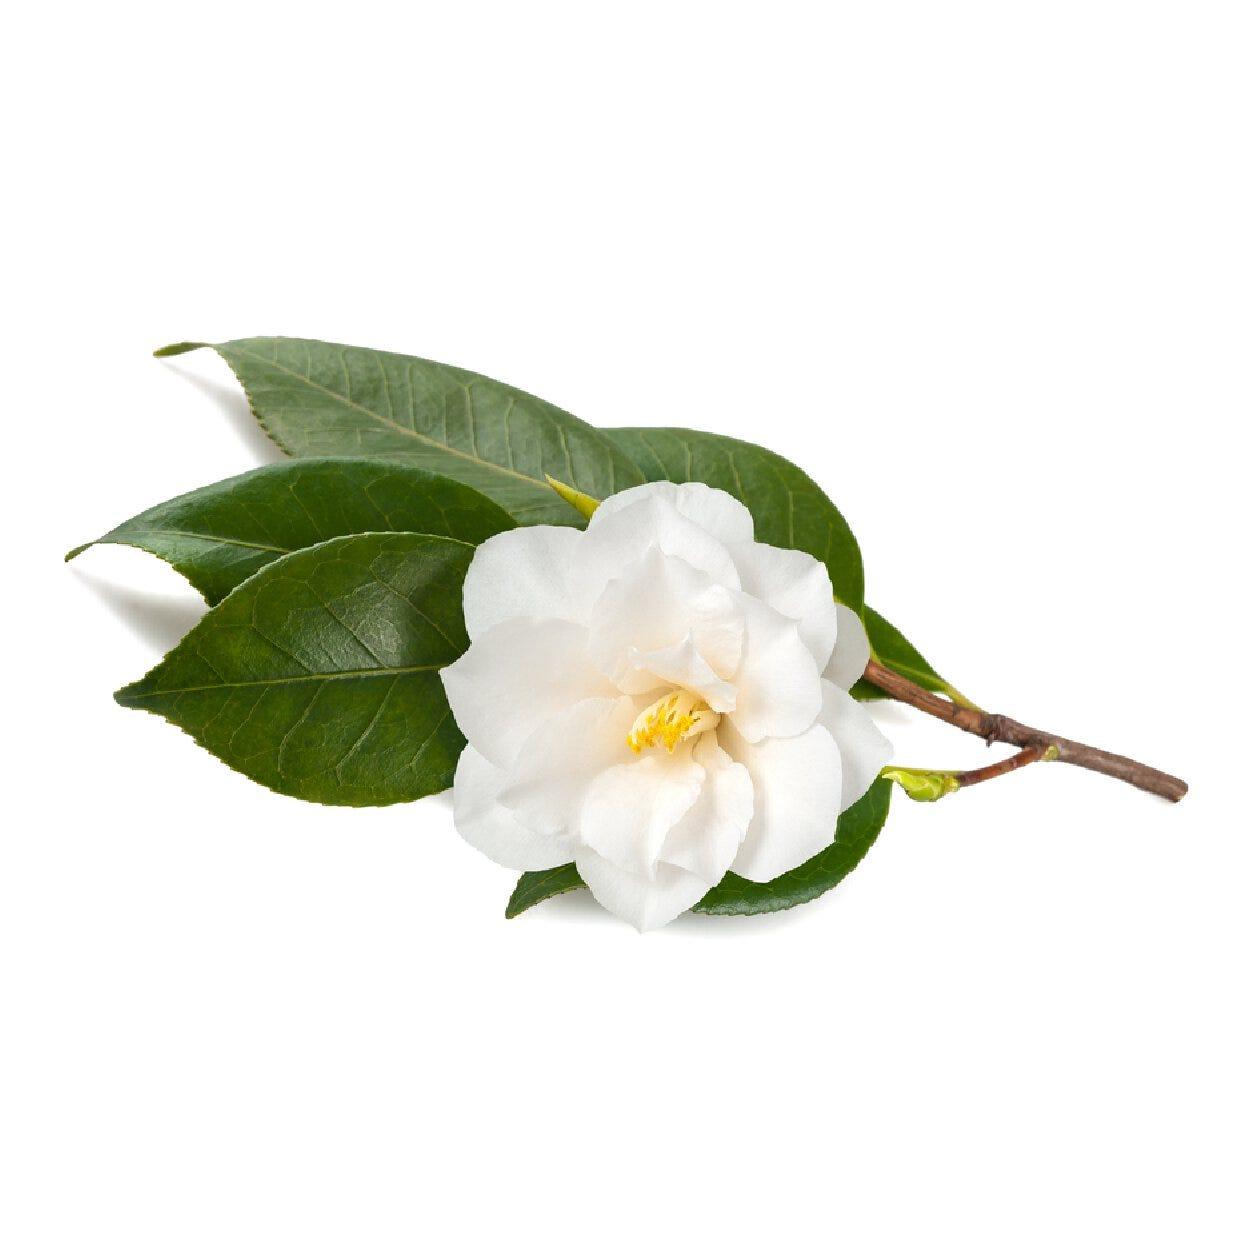 Green Tea Extract - Camellia Sinensis